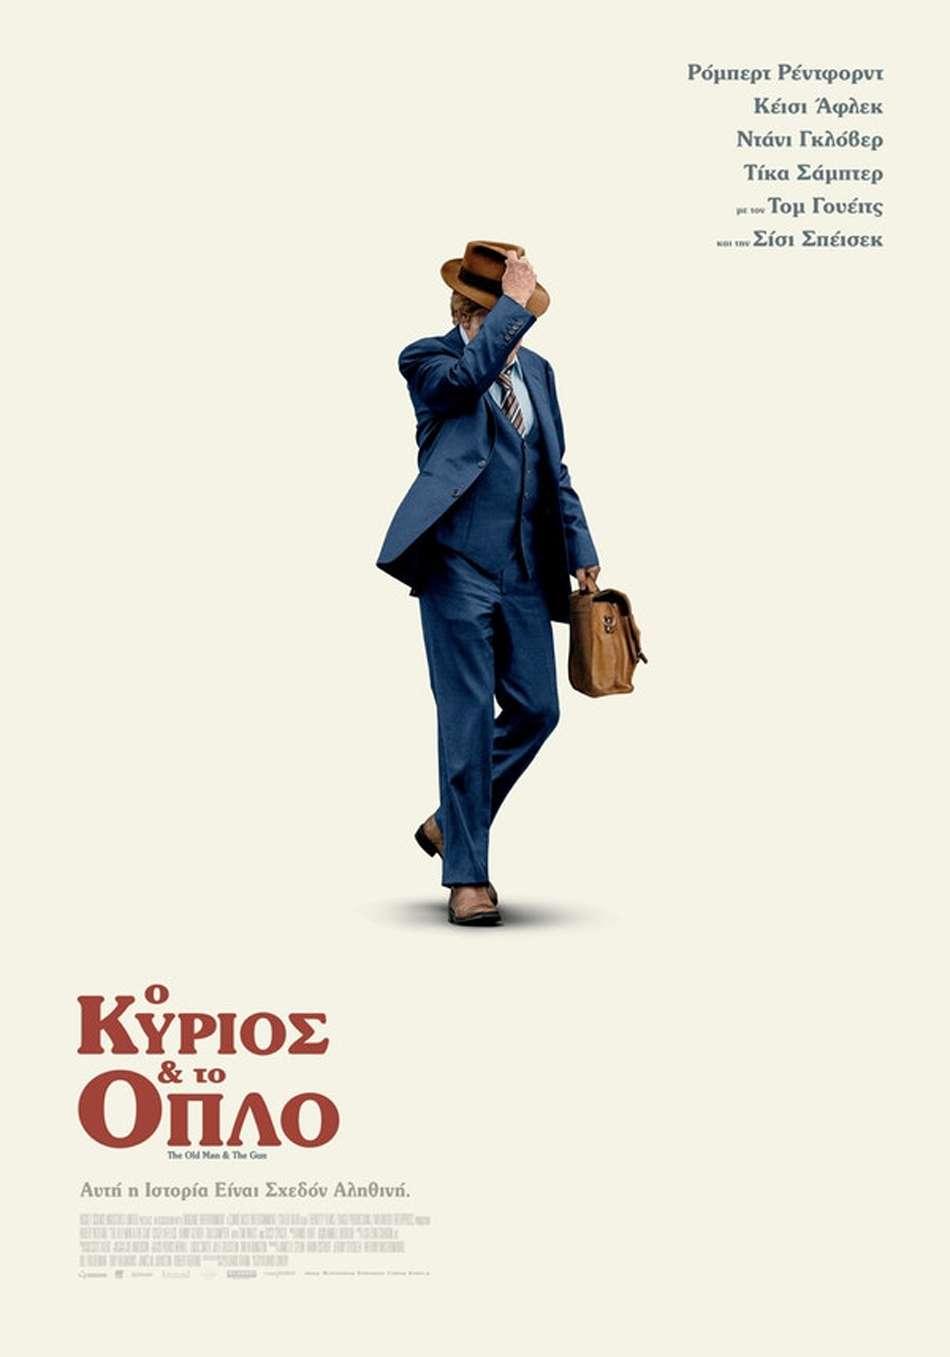 Ο Κύριος & το Όπλο (The Old Man & the Gun) Poster Πόστερ